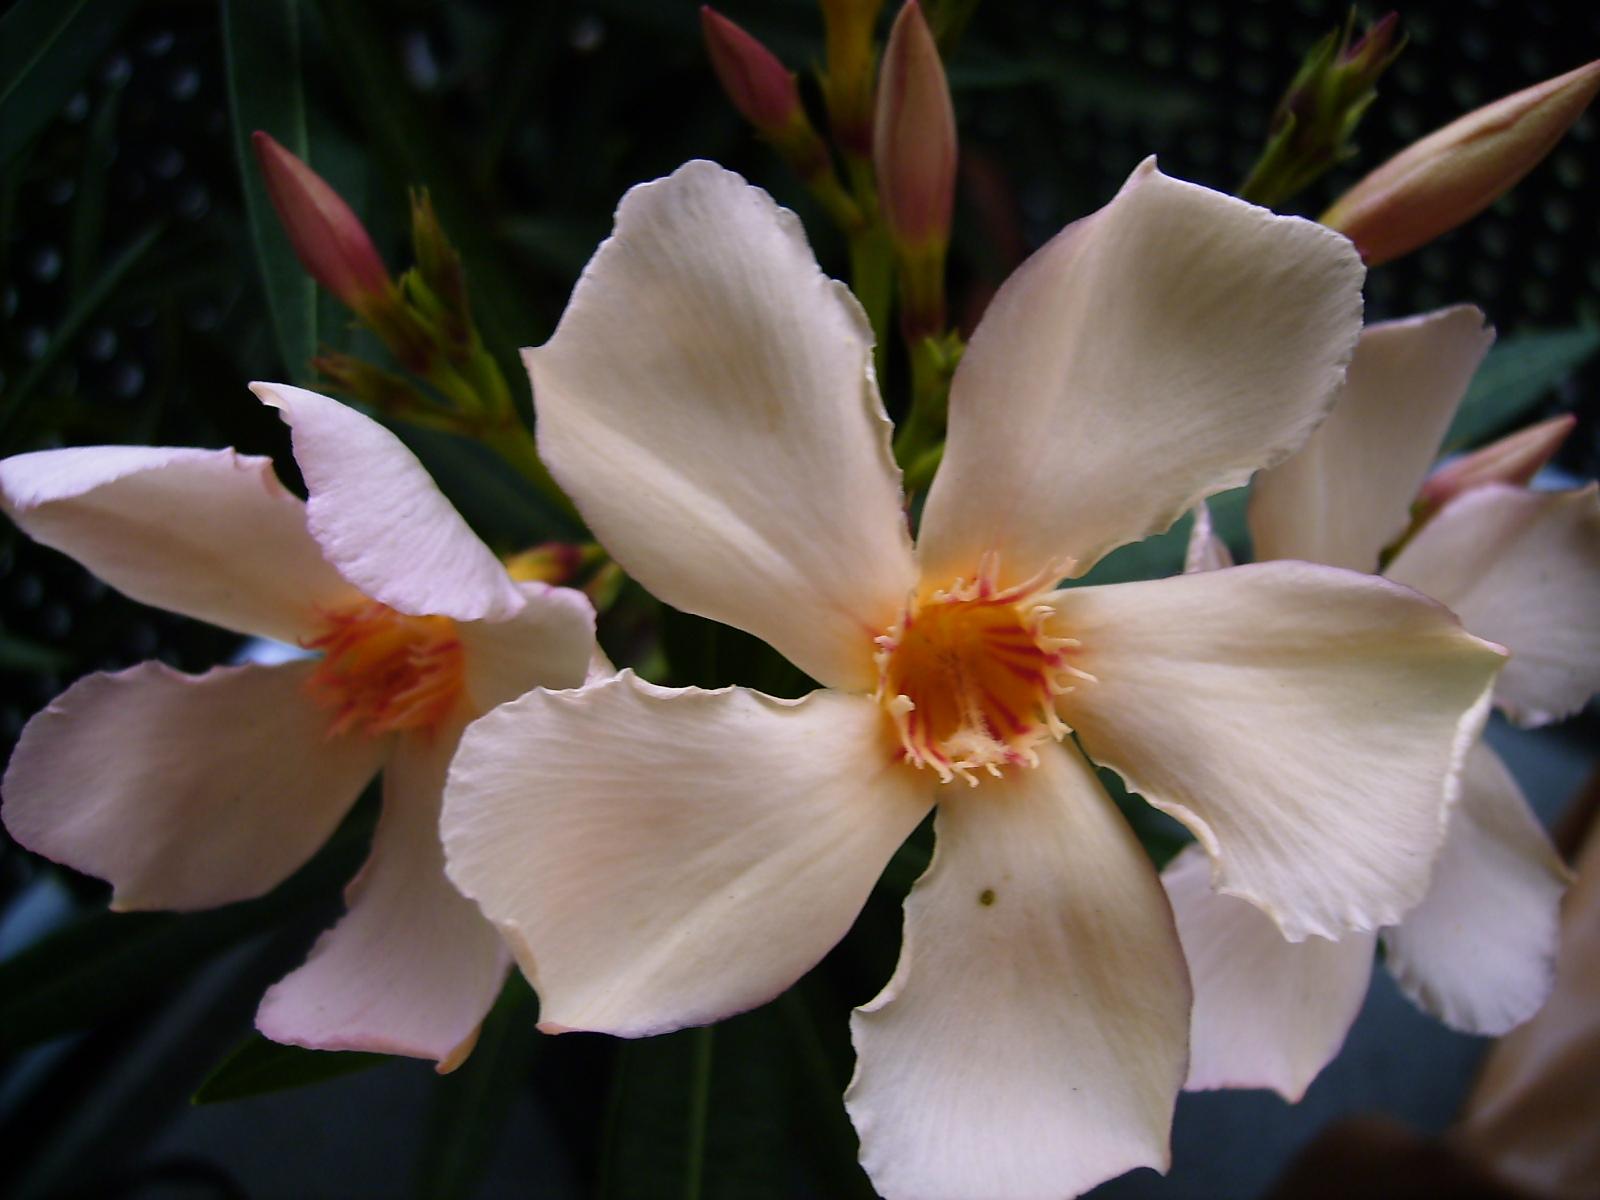 willkommen in renates eckchen mein wundersch ner oleander auf meinem balkon. Black Bedroom Furniture Sets. Home Design Ideas